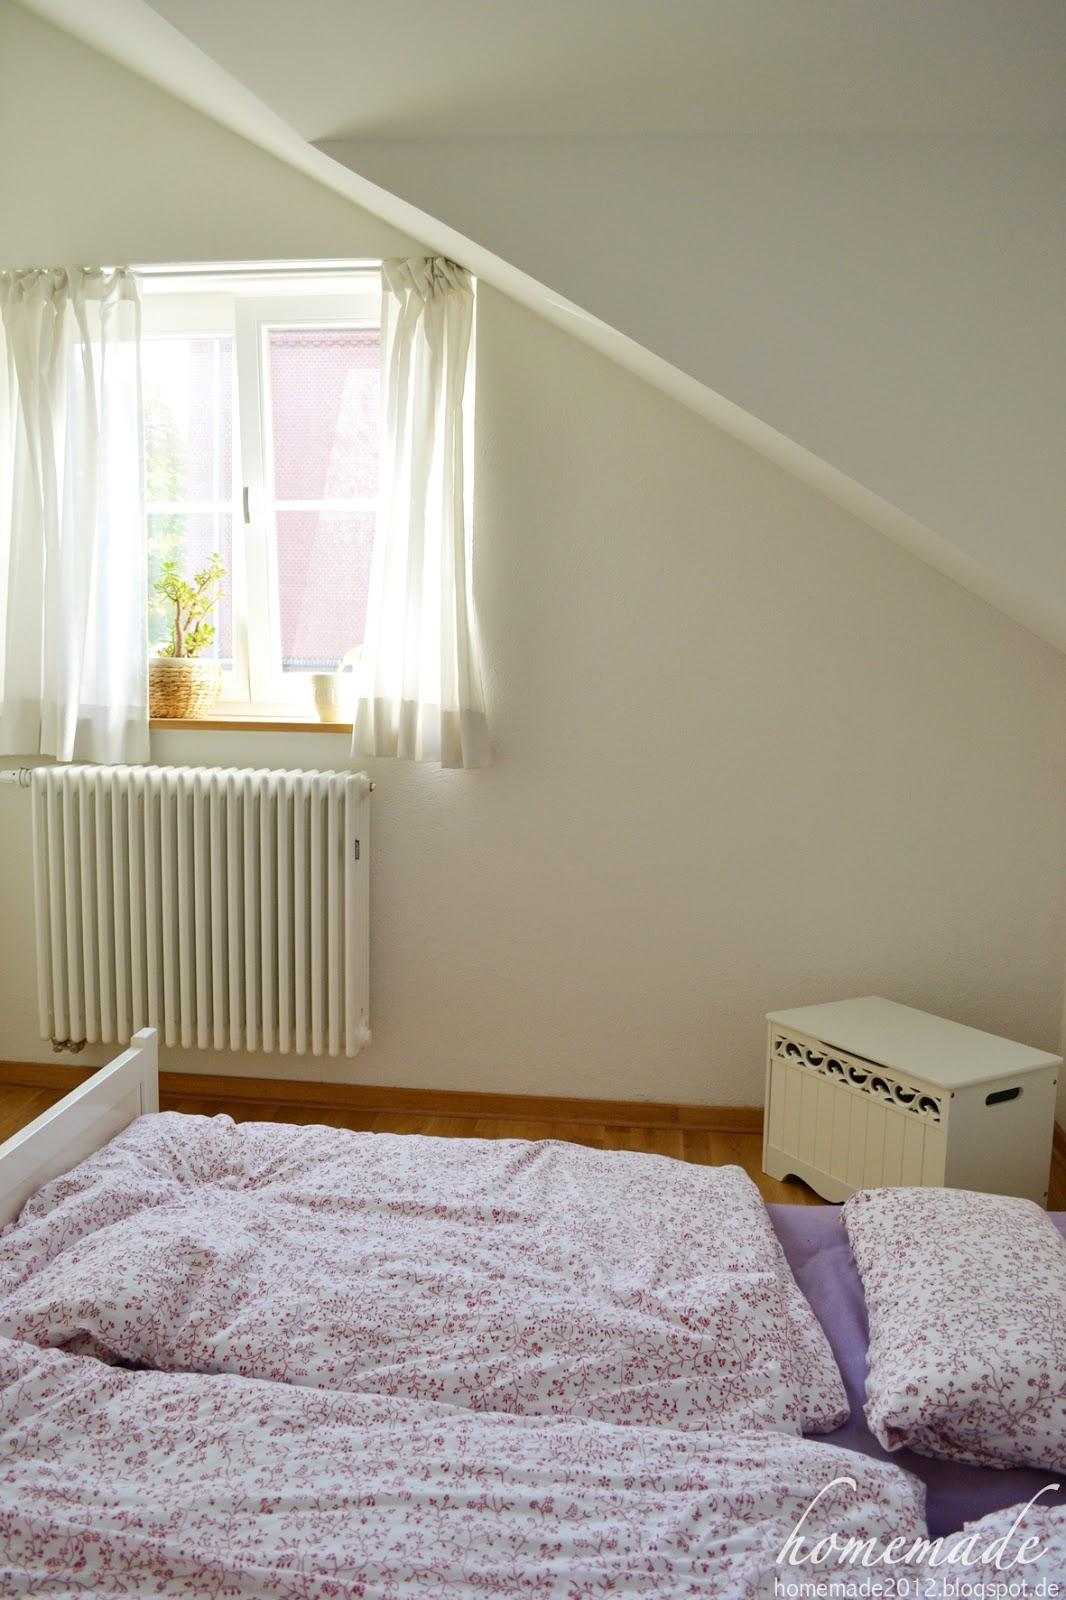 homemade impressionen schlafzimmer. Black Bedroom Furniture Sets. Home Design Ideas